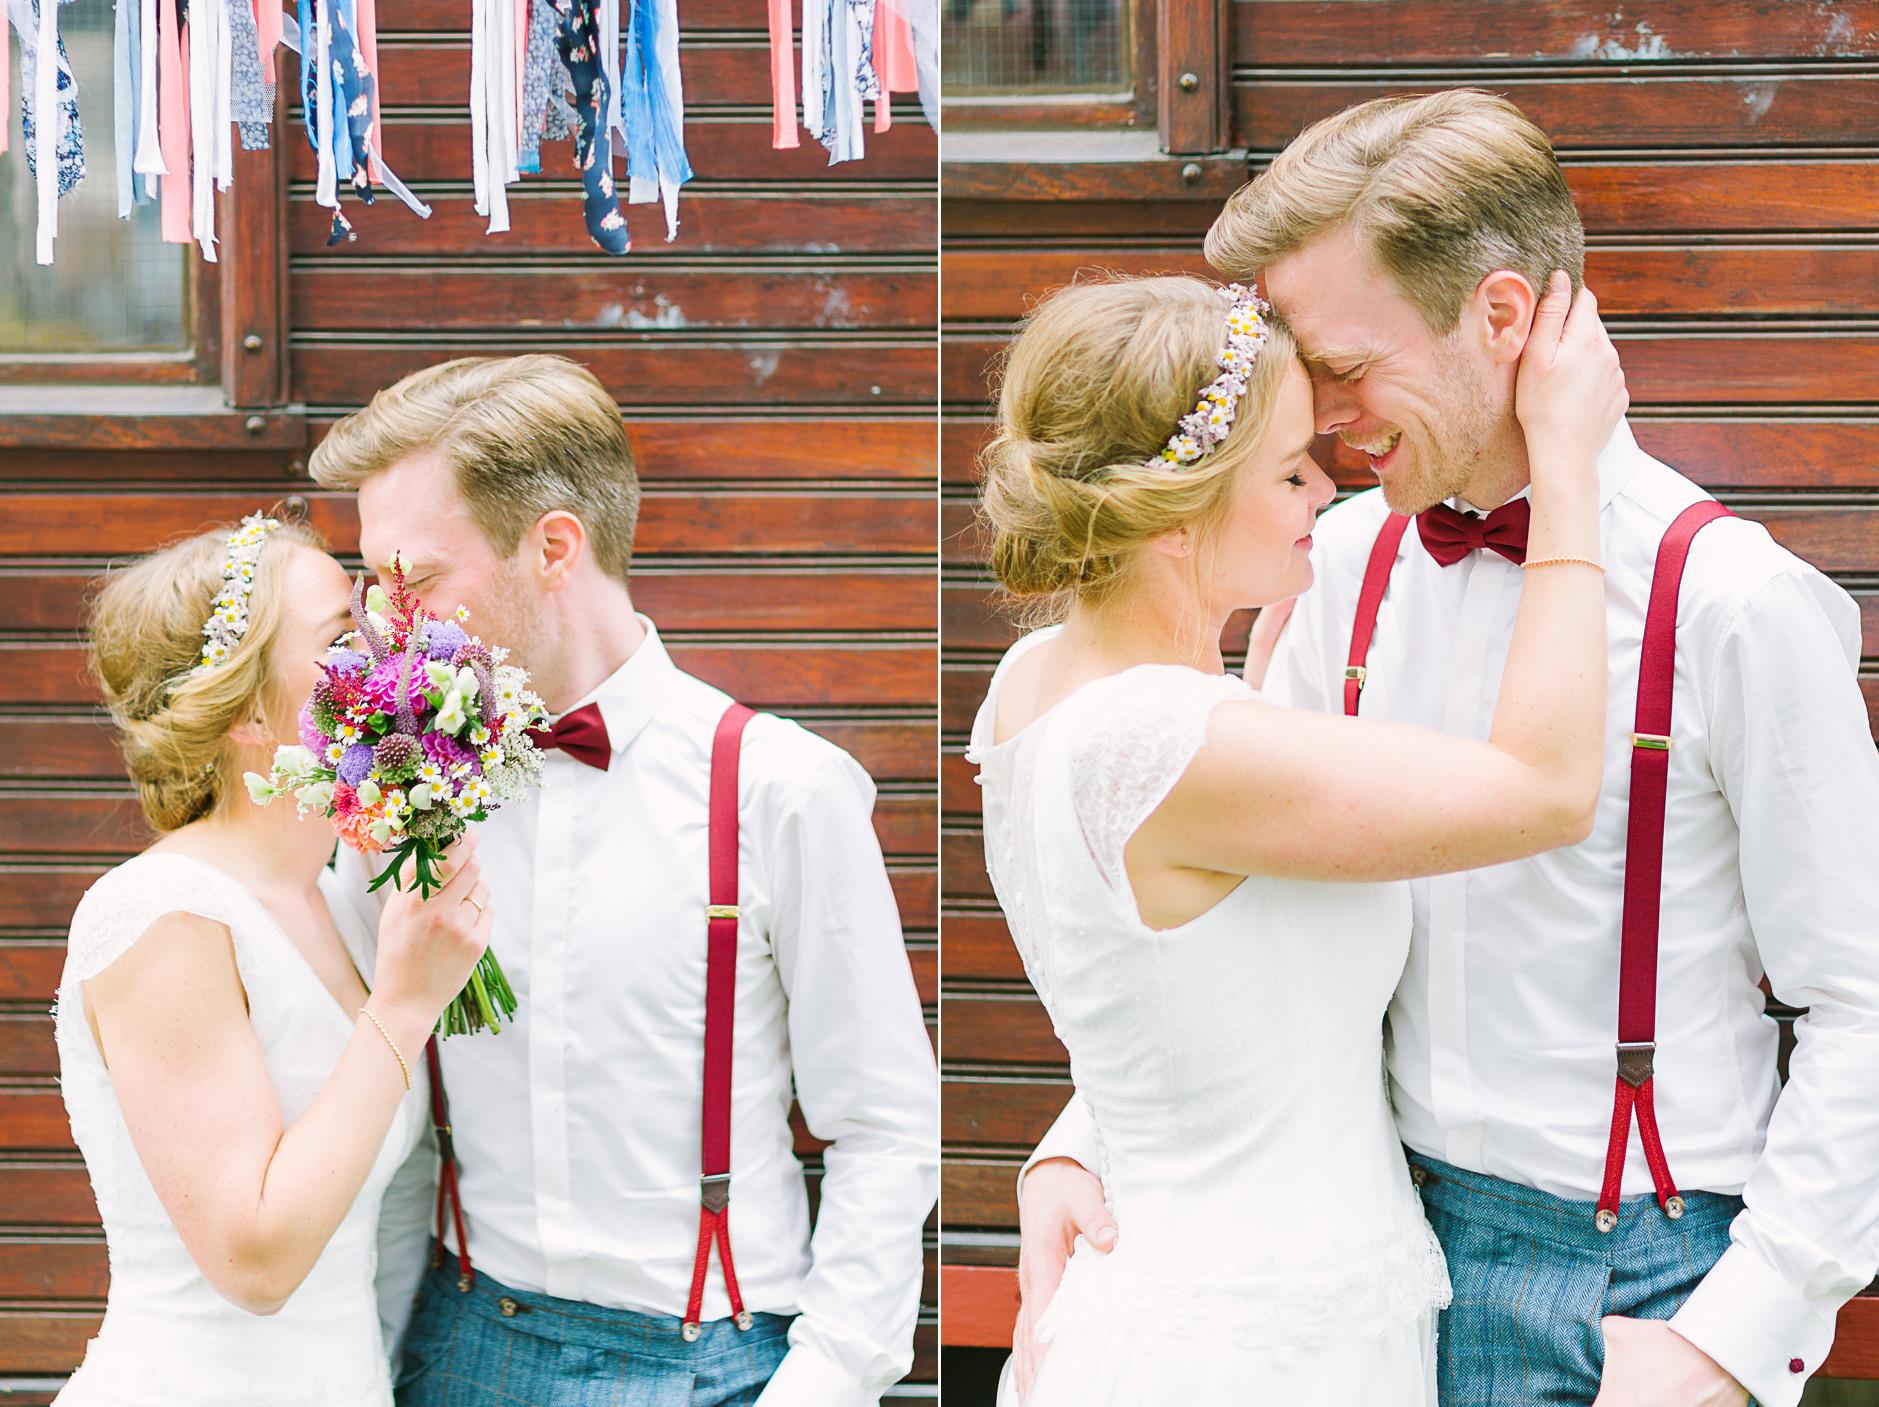 Hochzeitsfotograf Le Hai Linh Koeln Duesseldorf Bonn Zirkushochzeit Vintagehochzeit Sommerhochzeit 120.jpg